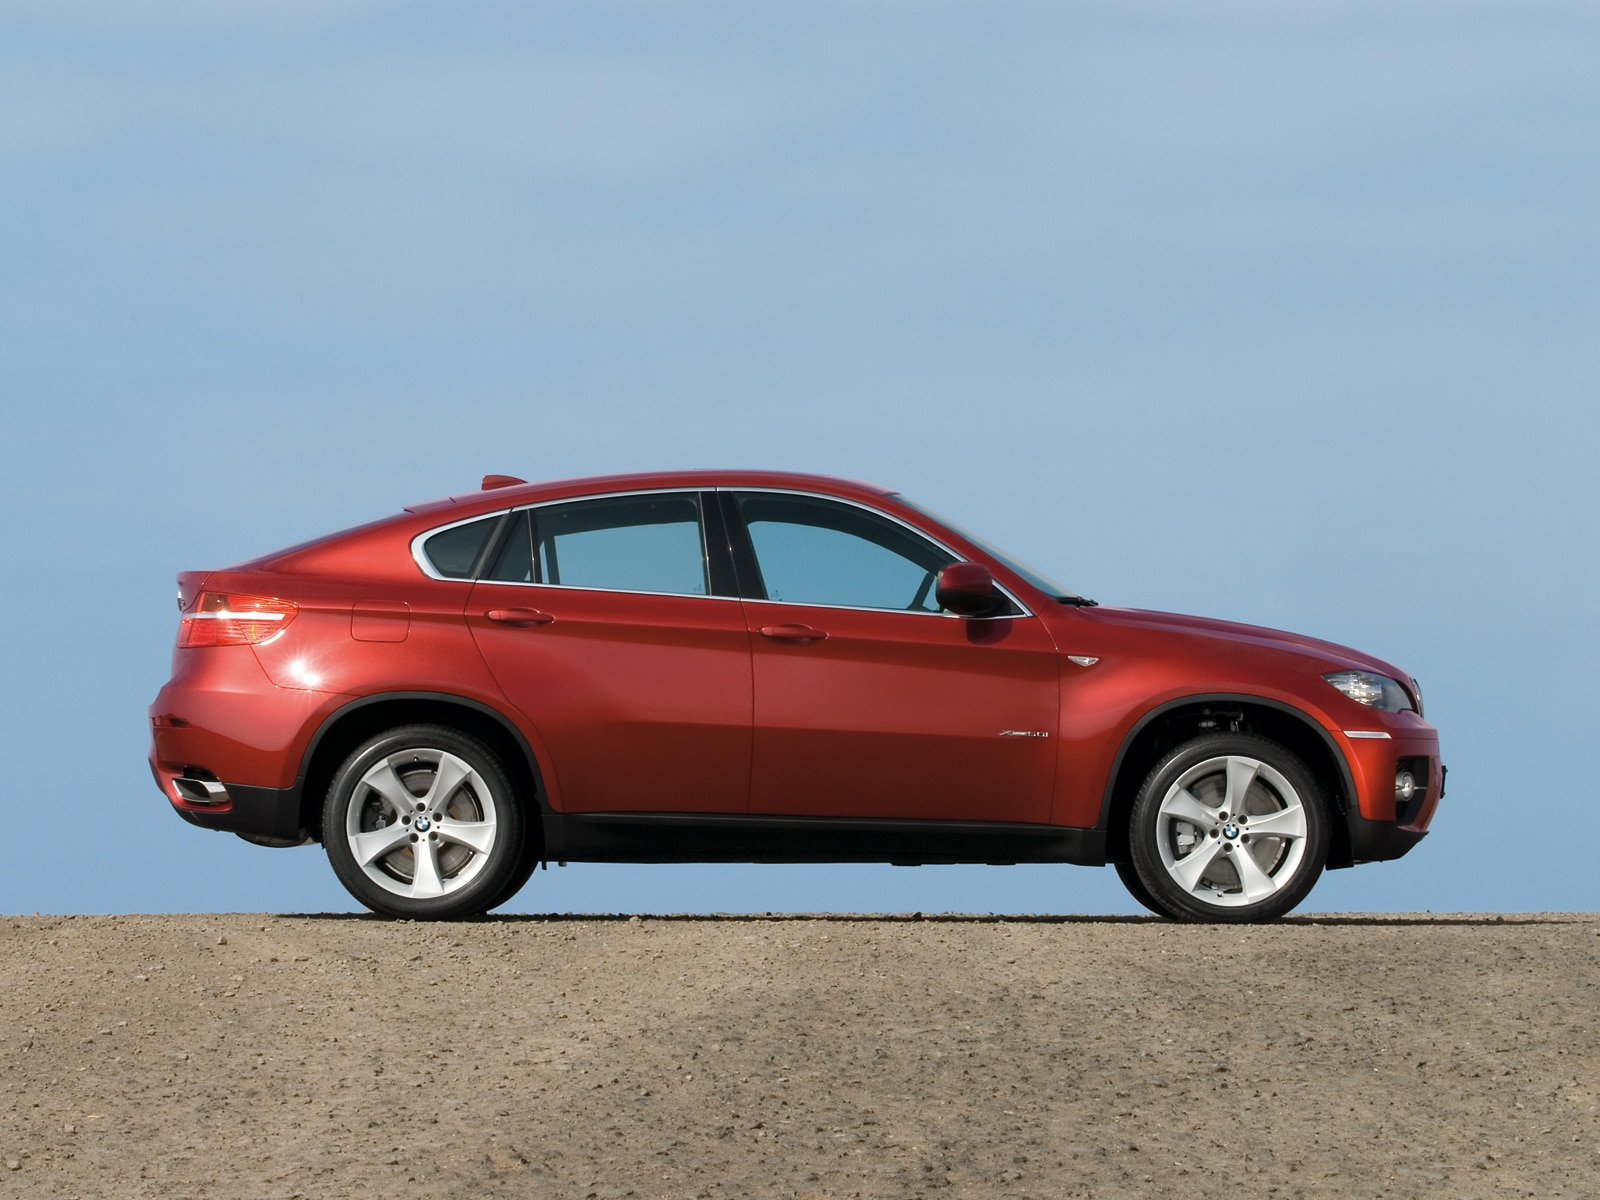 2009 Bmw X6 Xdrive50i Bmw Luxury Crossover Suv Review